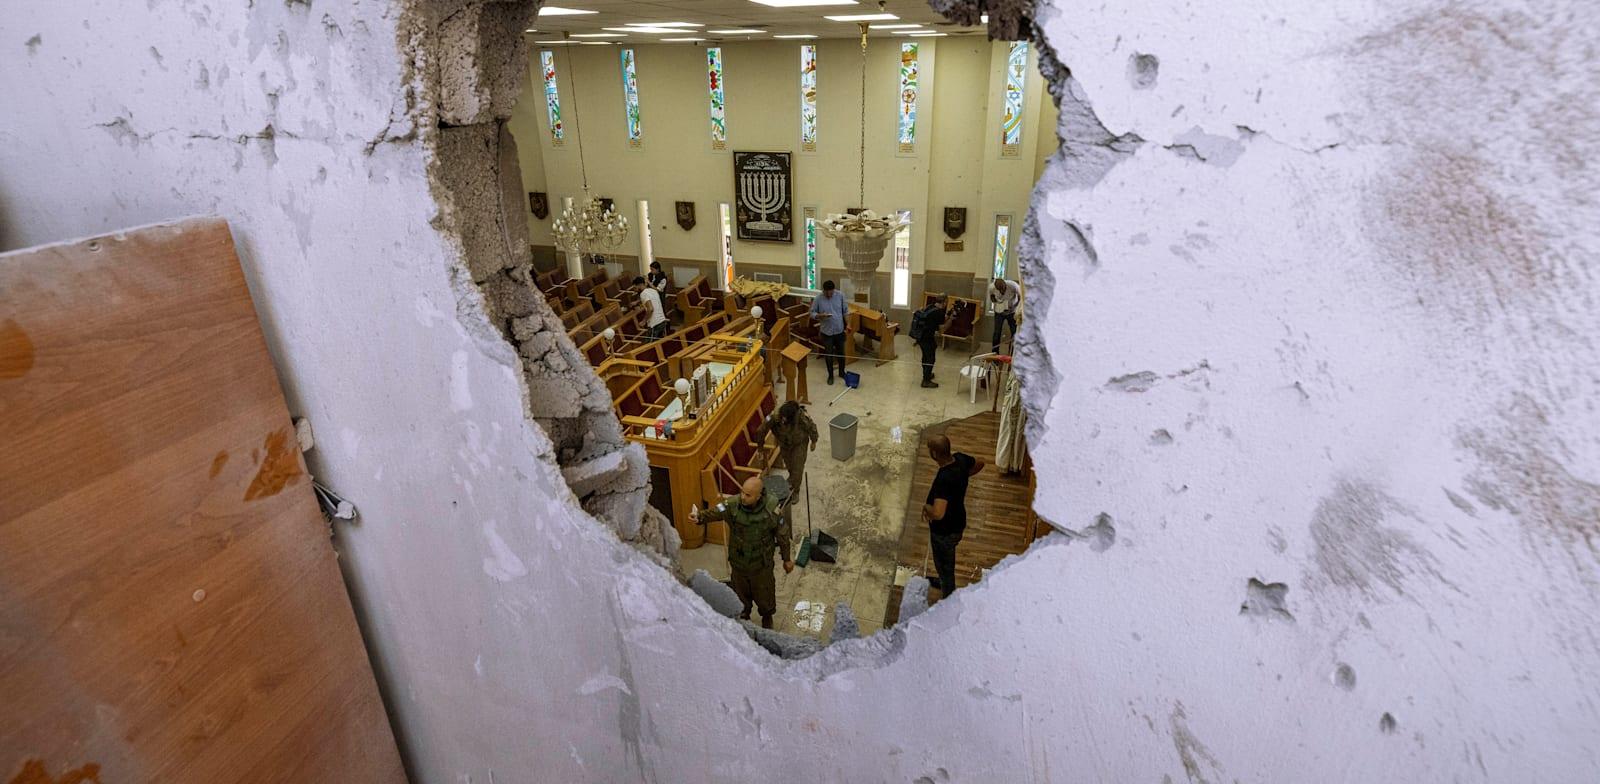 בית כנסת באשקלון שנפגע מרקטה בצהריים / צילום: Associated Press, Tsafrir Abayov